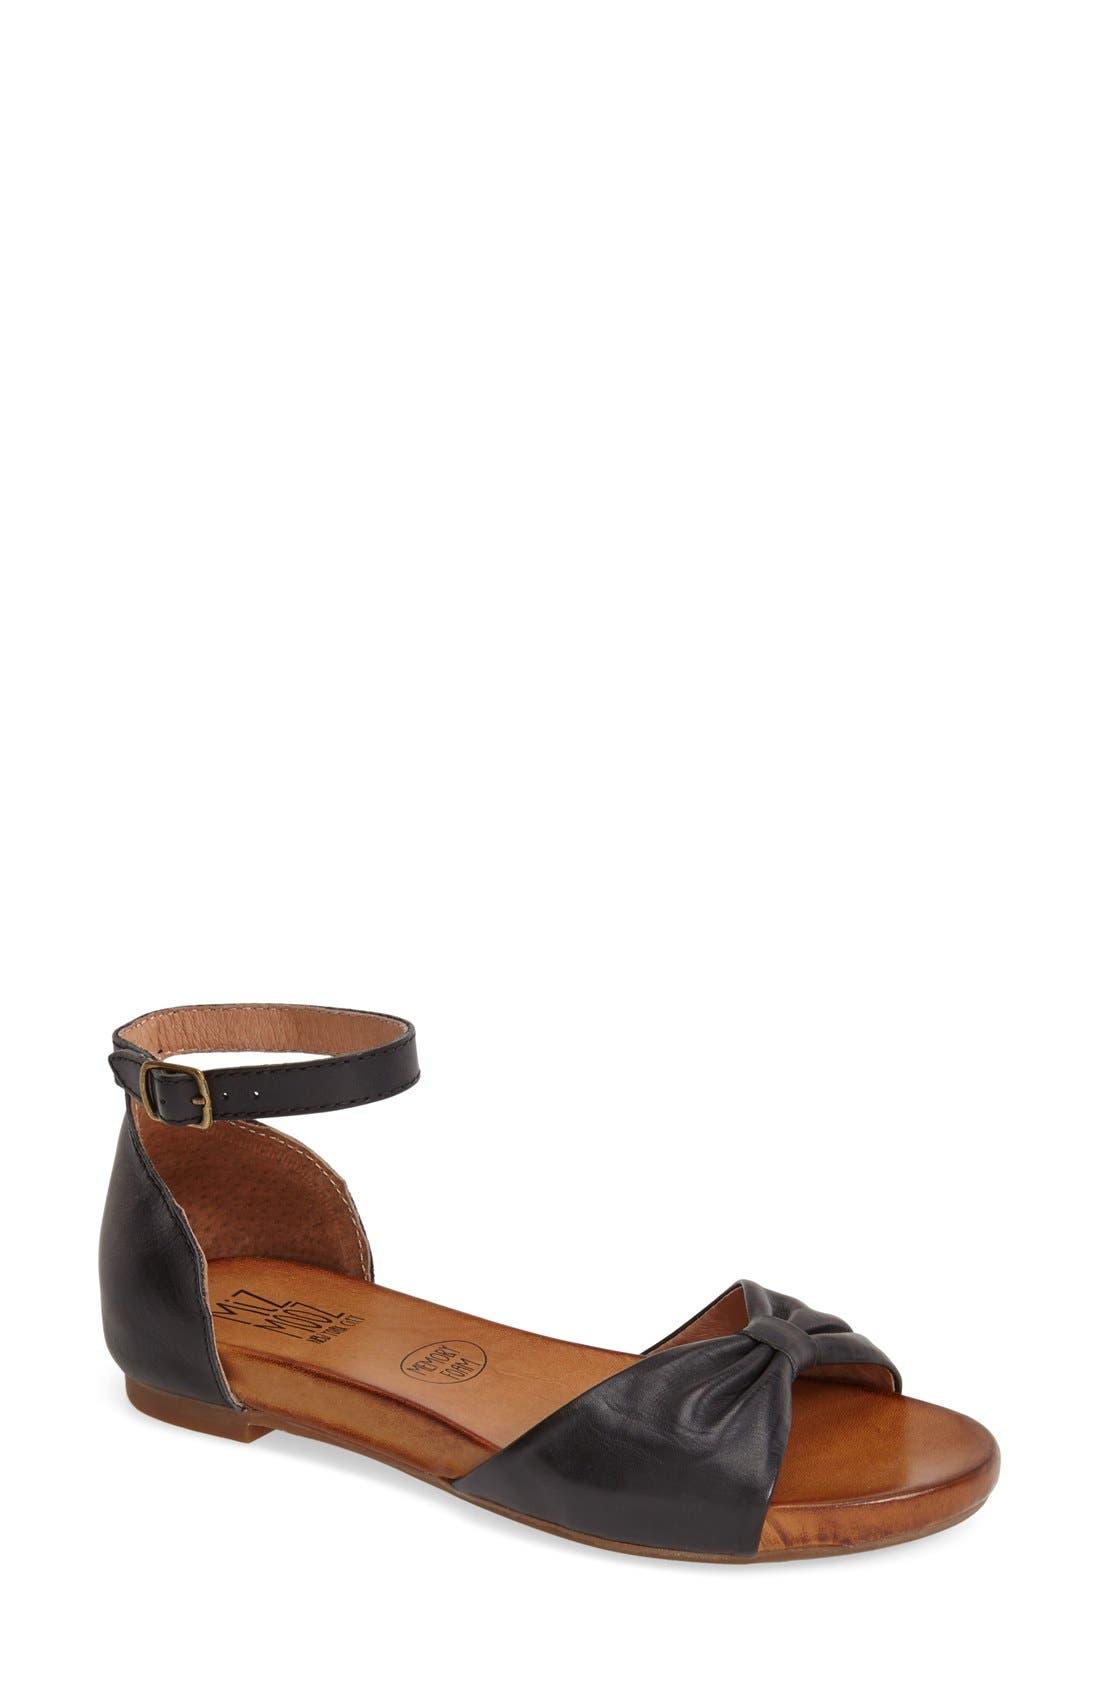 Alternate Image 1 Selected - Miz Mooz 'Arlene' Ankle Strap Sandal (Women)